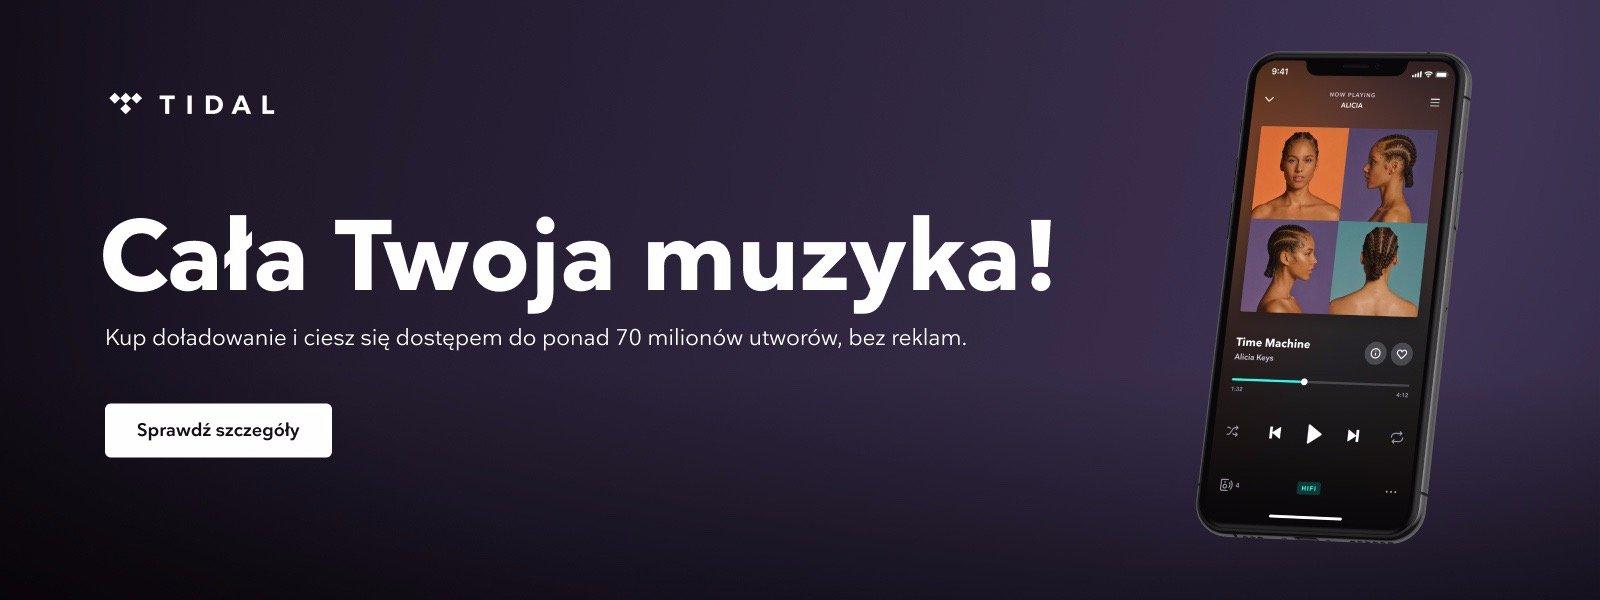 TIDAL dołącza do oferty epay, wiodącego dostawcy usług prepaid na całym świecie!